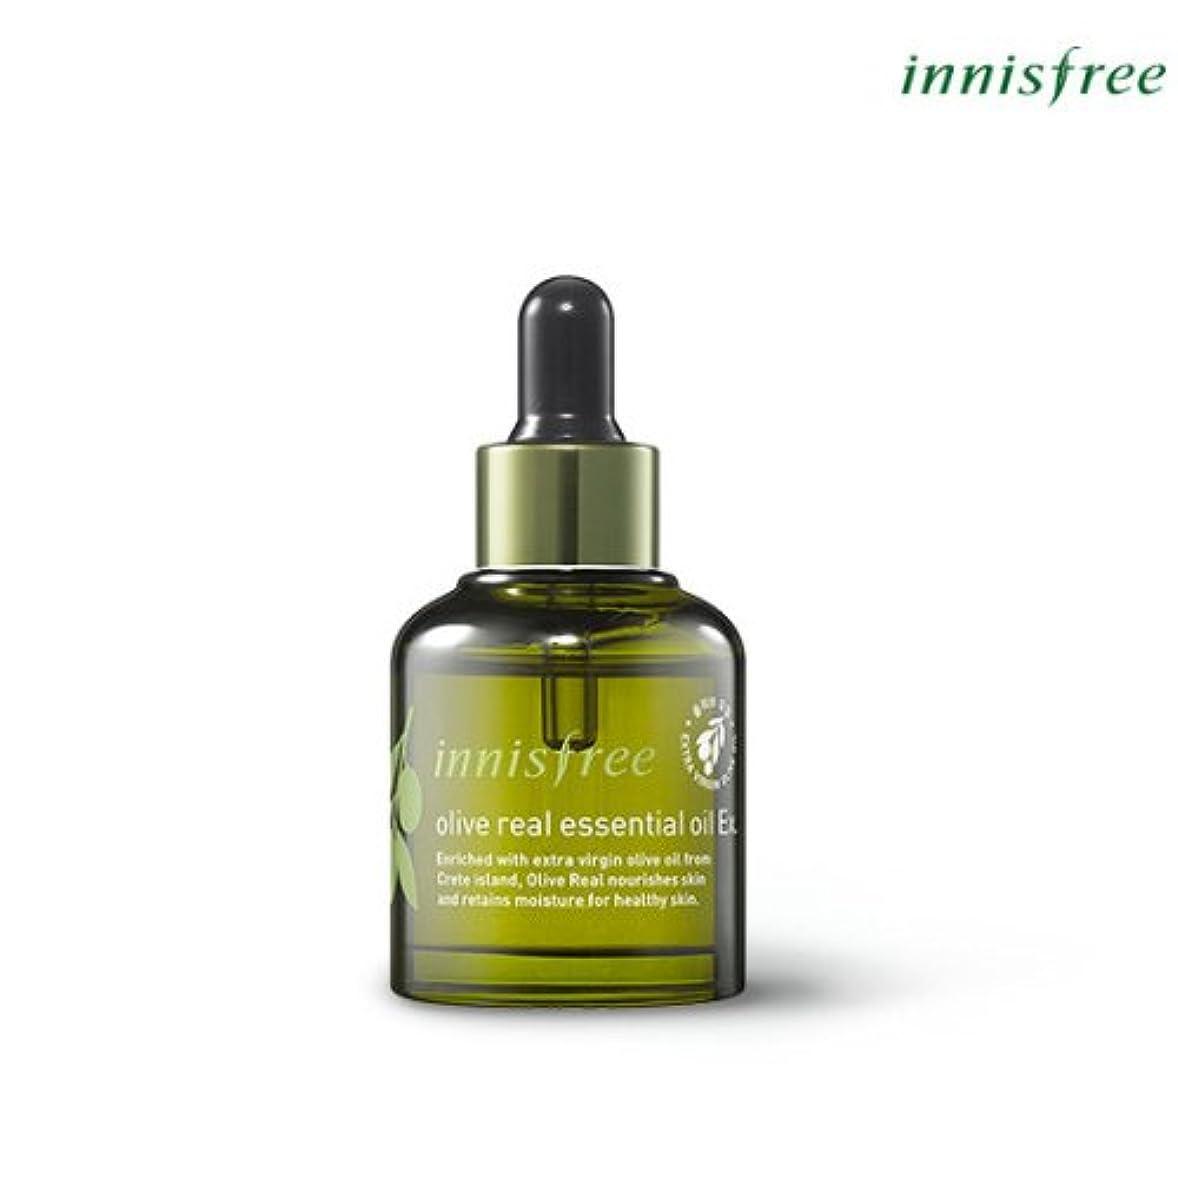 勤勉な外交鎮痛剤[INNISFREE]イニスフリーオリーブリアルエッセンシャルオイルEx.30ml olive real essential oil Ex.30ml [並行輸入品]